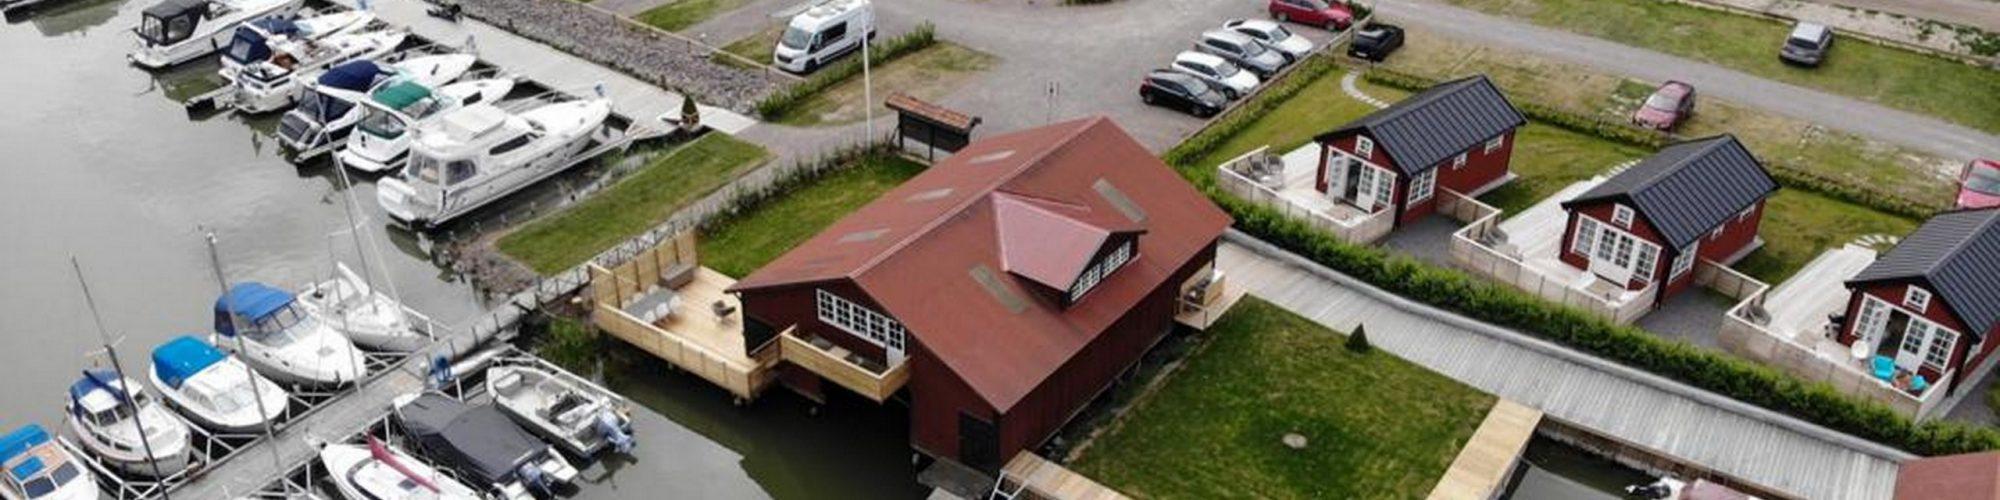 Båthuset 2000x500